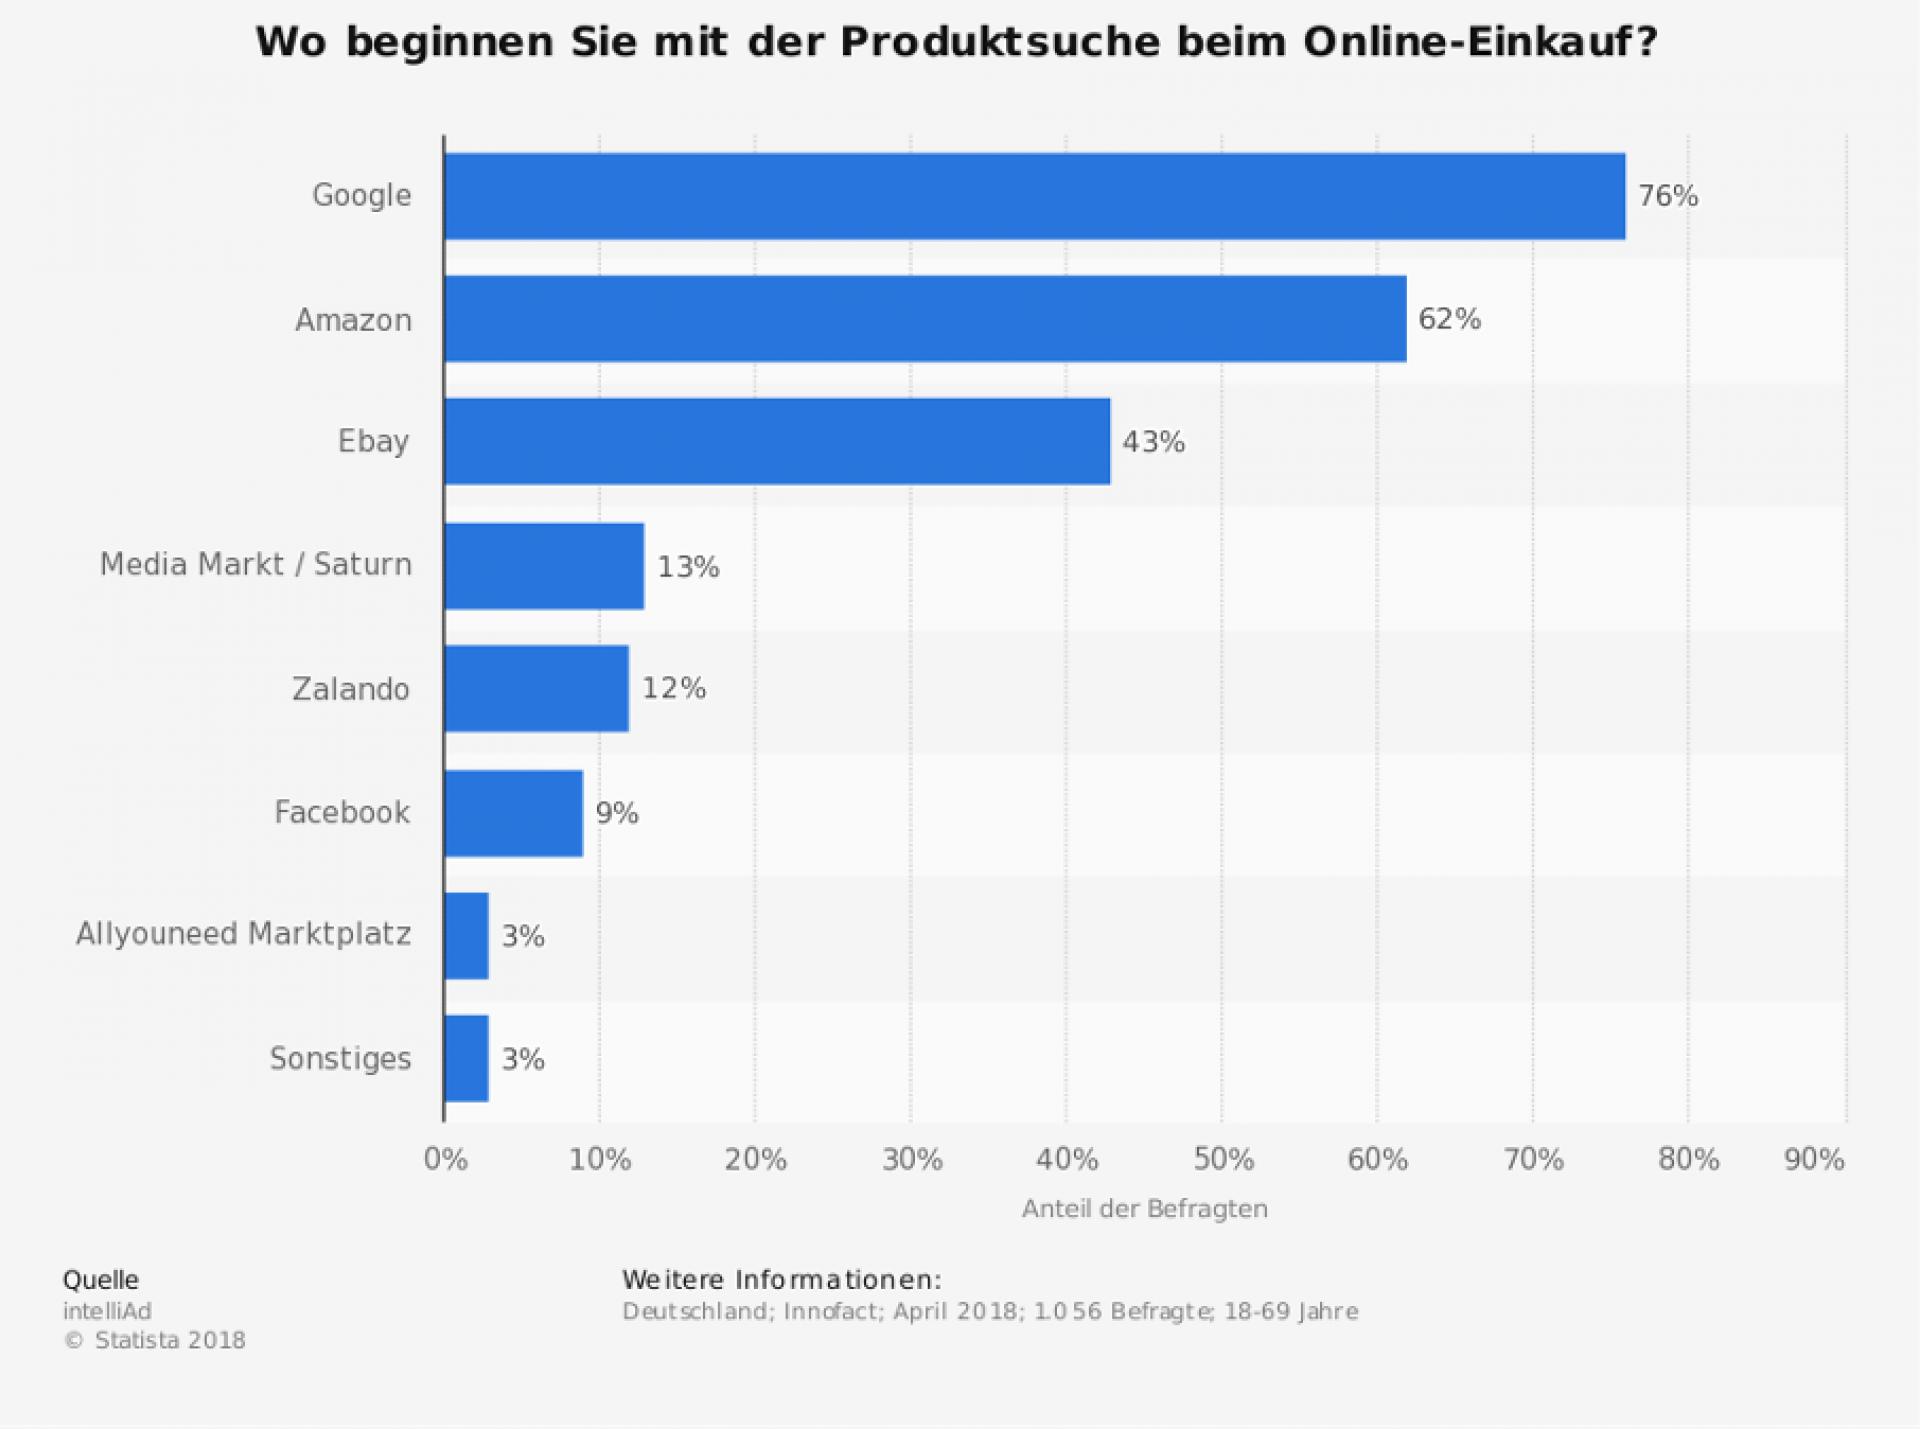 Statista: Produktsuche Online-Einkauf